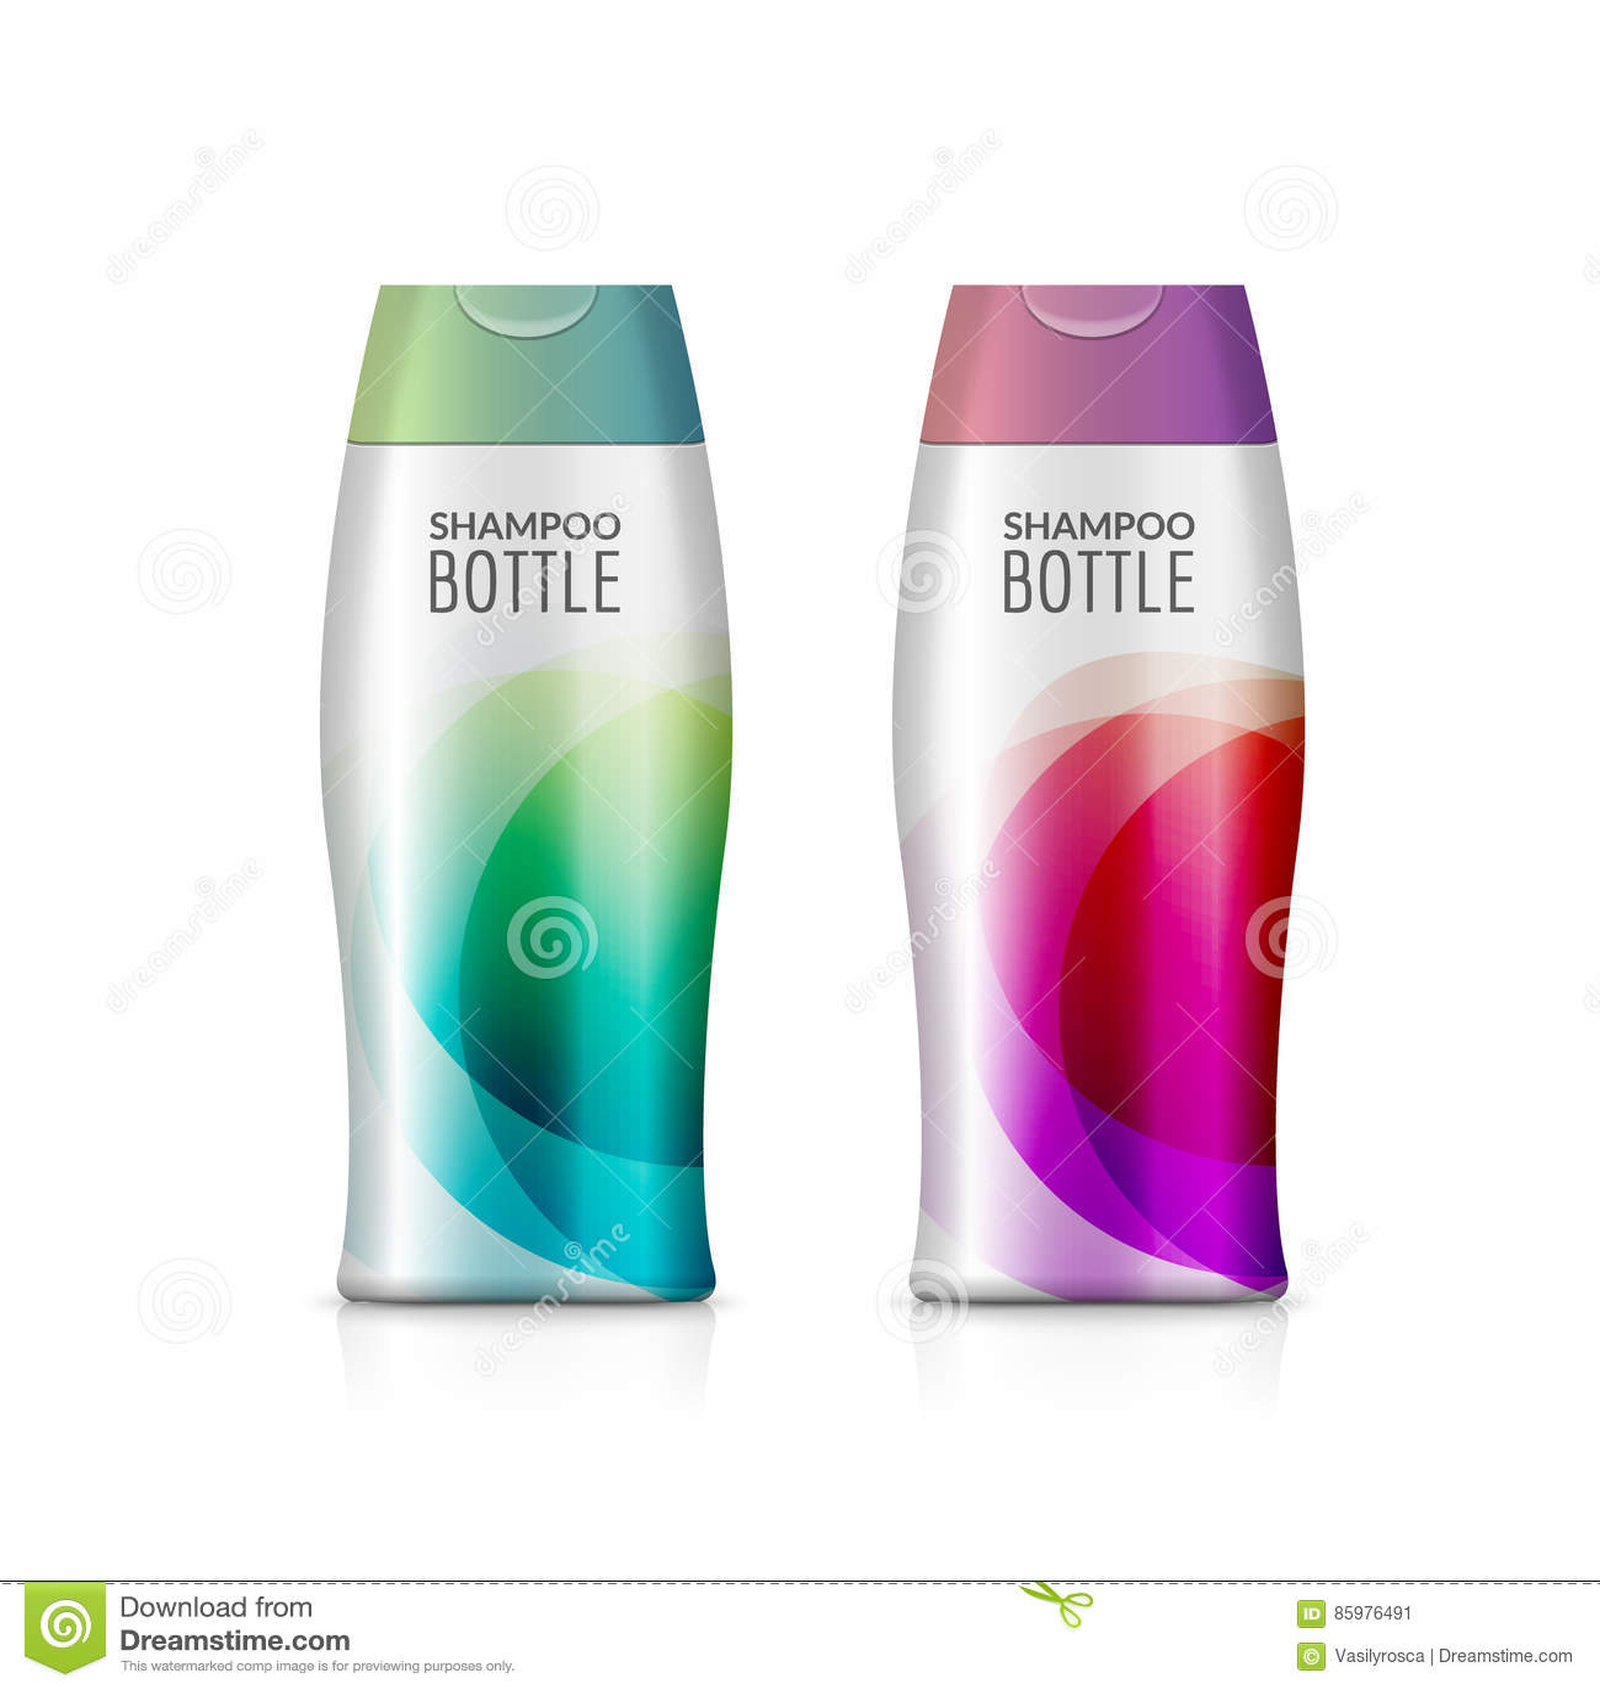 Πλαστικό σχέδιο προτύπων μπουκαλιών σαμπουάν ή μπουκαλιών πηκτωμάτων ντους Διανυσματική κενή χλεύη επάνω Προσοχή λουτρών κρέμας ή